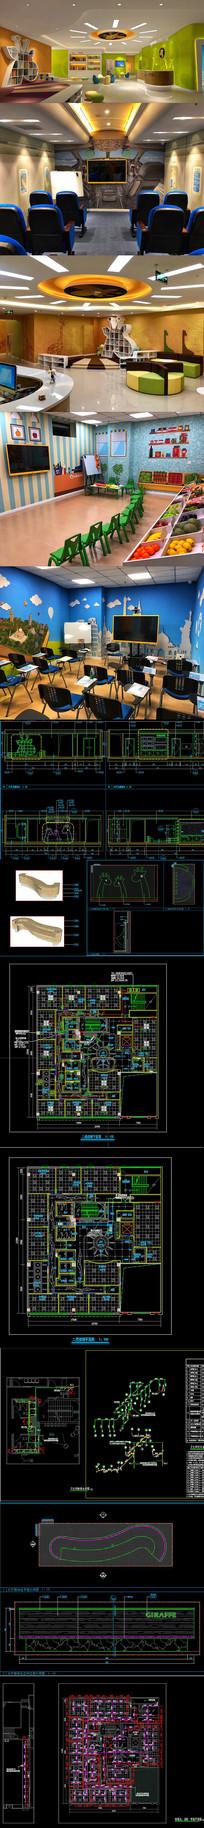 英语培训机构CAD施工图 实景图